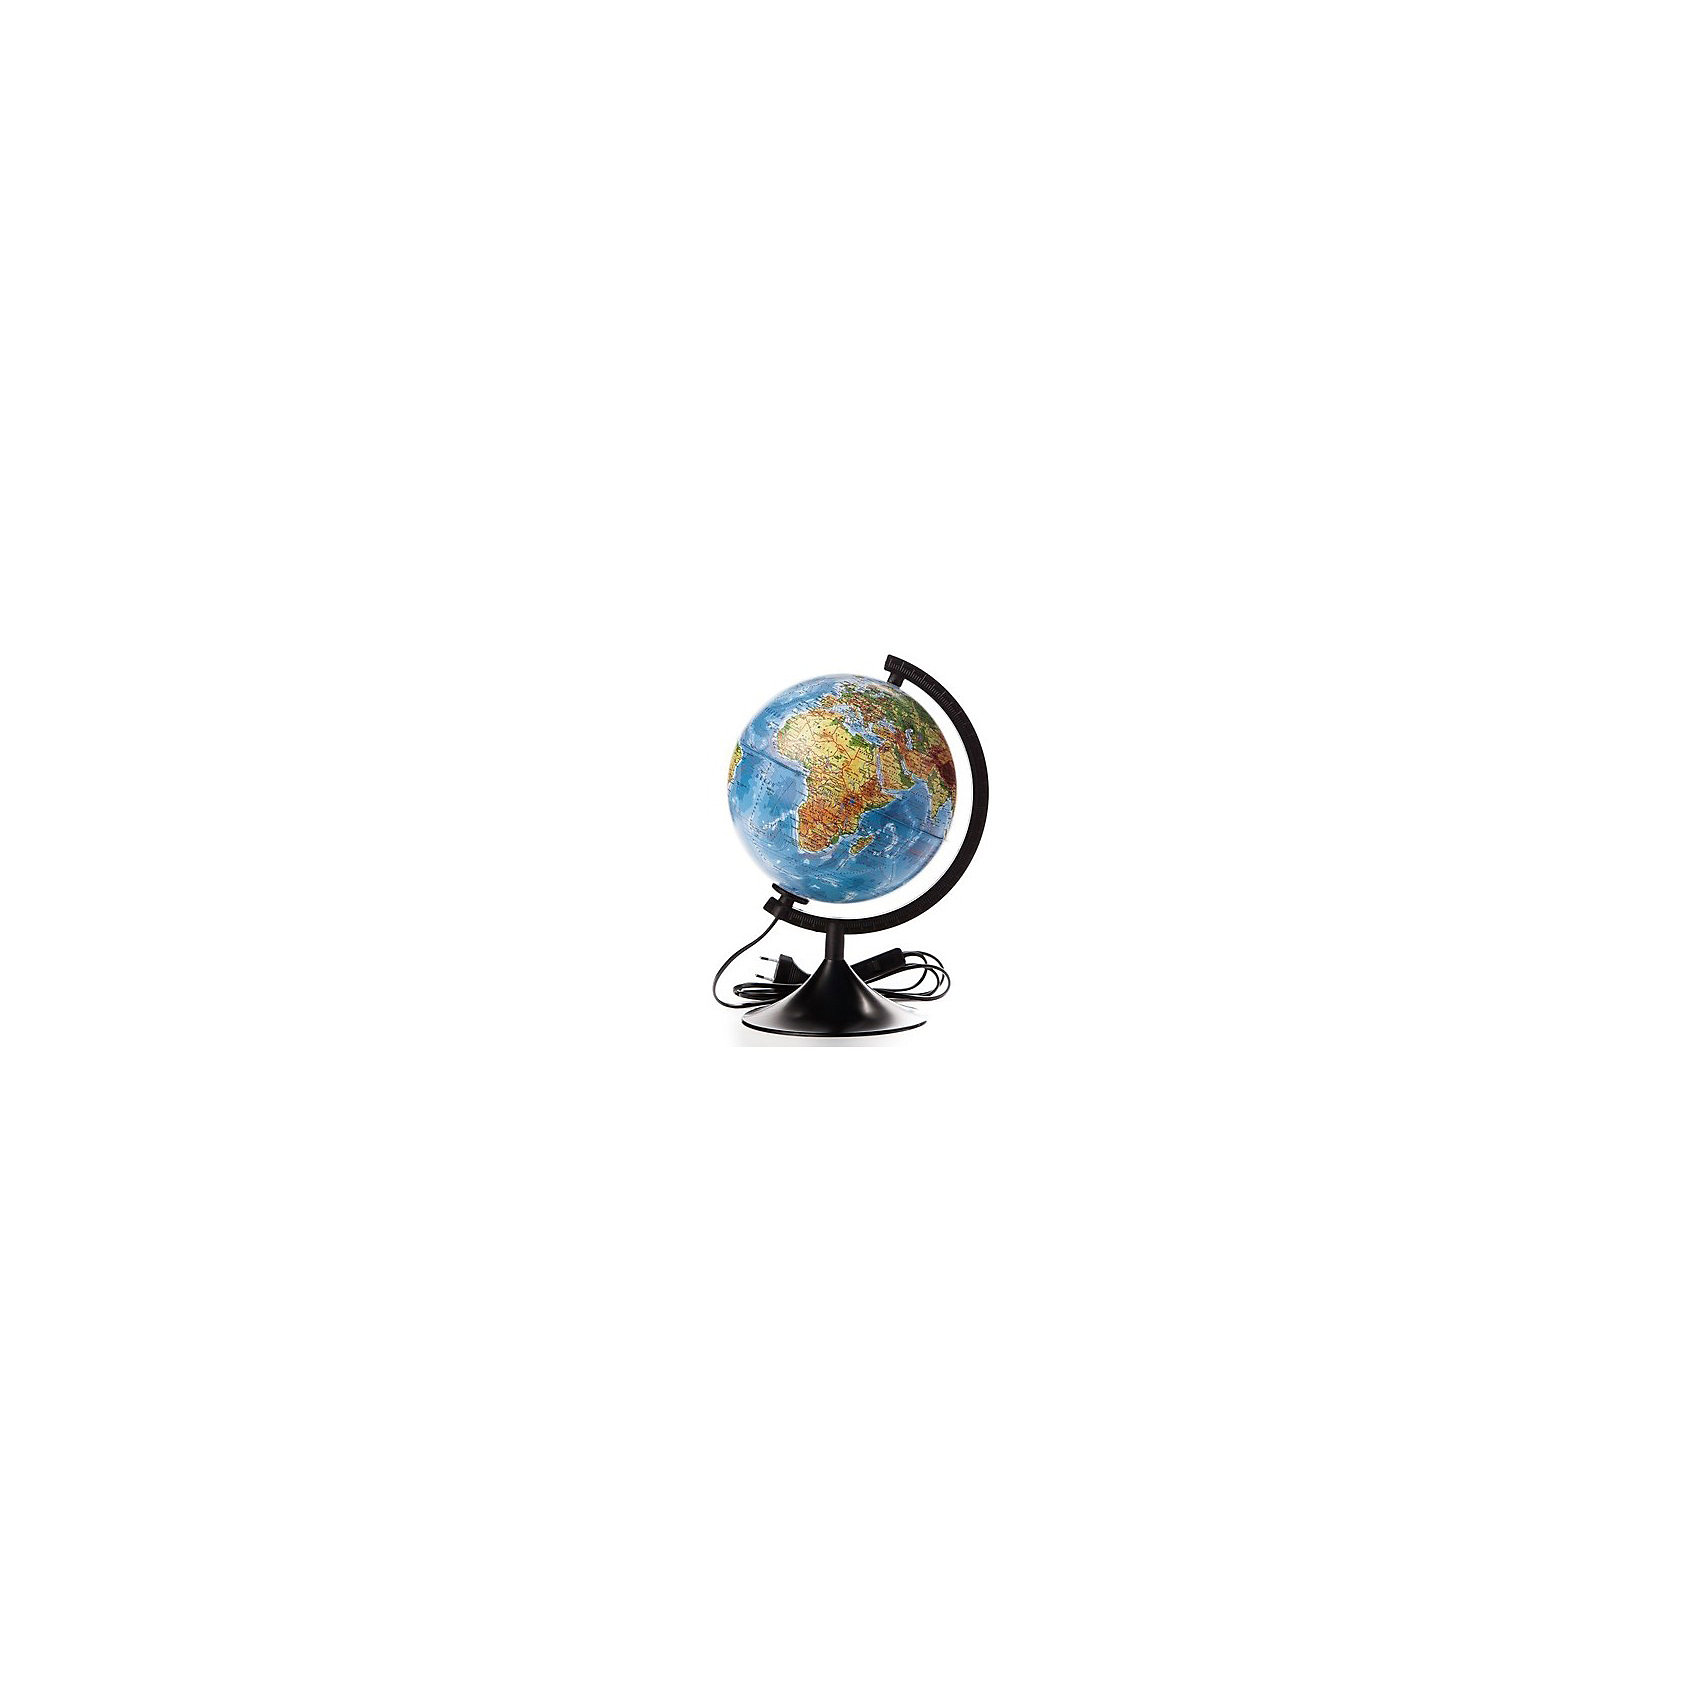 Глобус Земли физический с подсветкой, диаметр 250 ммГлобусы<br>Глобус Земли физический с подсветкой, д-р 250.<br><br>Характеристики:<br><br>• Для детей в возрасте: от 6 лет<br>• Диаметр: 25 см.<br>• Материал: пластик<br>• Цвет подставки и дуги: черный<br>• Подсветка работает от сети<br><br>Глобус Земли физический с подсветкой станет замечательным наглядным пособием для вашего ребенка. Физическая карта отображает ландшафт поверхности земного шара в соответствии с принятыми цветовыми условными обозначениями в картографии. Нанесены названия материков, океанов, морей, течений, заливов, горных хребтов, плоскогорий и низменностей, а также других географических объектов. Кроме этого отображены названия государств. Надписи яркие, четкие на русском языке. Сфера глобуса изготовлена из прочного высококачественного пластика, поэтому она не расколется от случайного падения. Устойчивая подставка и дуга с градусными отметками выполнены из прочного высококачественного пластика черного цвета. Для усиления цветового эффекта можно включить подсветку. Подсветка работает от стационарной сети в 220 Вольт. Провод изолирован, есть переключатель. Оптимальный диаметр глобуса 25 см позволит ему не занимать много места на столе.<br><br>Глобус Земли физический с подсветкой, д-р 250 можно купить в нашем интернет-магазине.<br><br>Ширина мм: 270<br>Глубина мм: 250<br>Высота мм: 250<br>Вес г: 500<br>Возраст от месяцев: 72<br>Возраст до месяцев: 2147483647<br>Пол: Унисекс<br>Возраст: Детский<br>SKU: 5504470